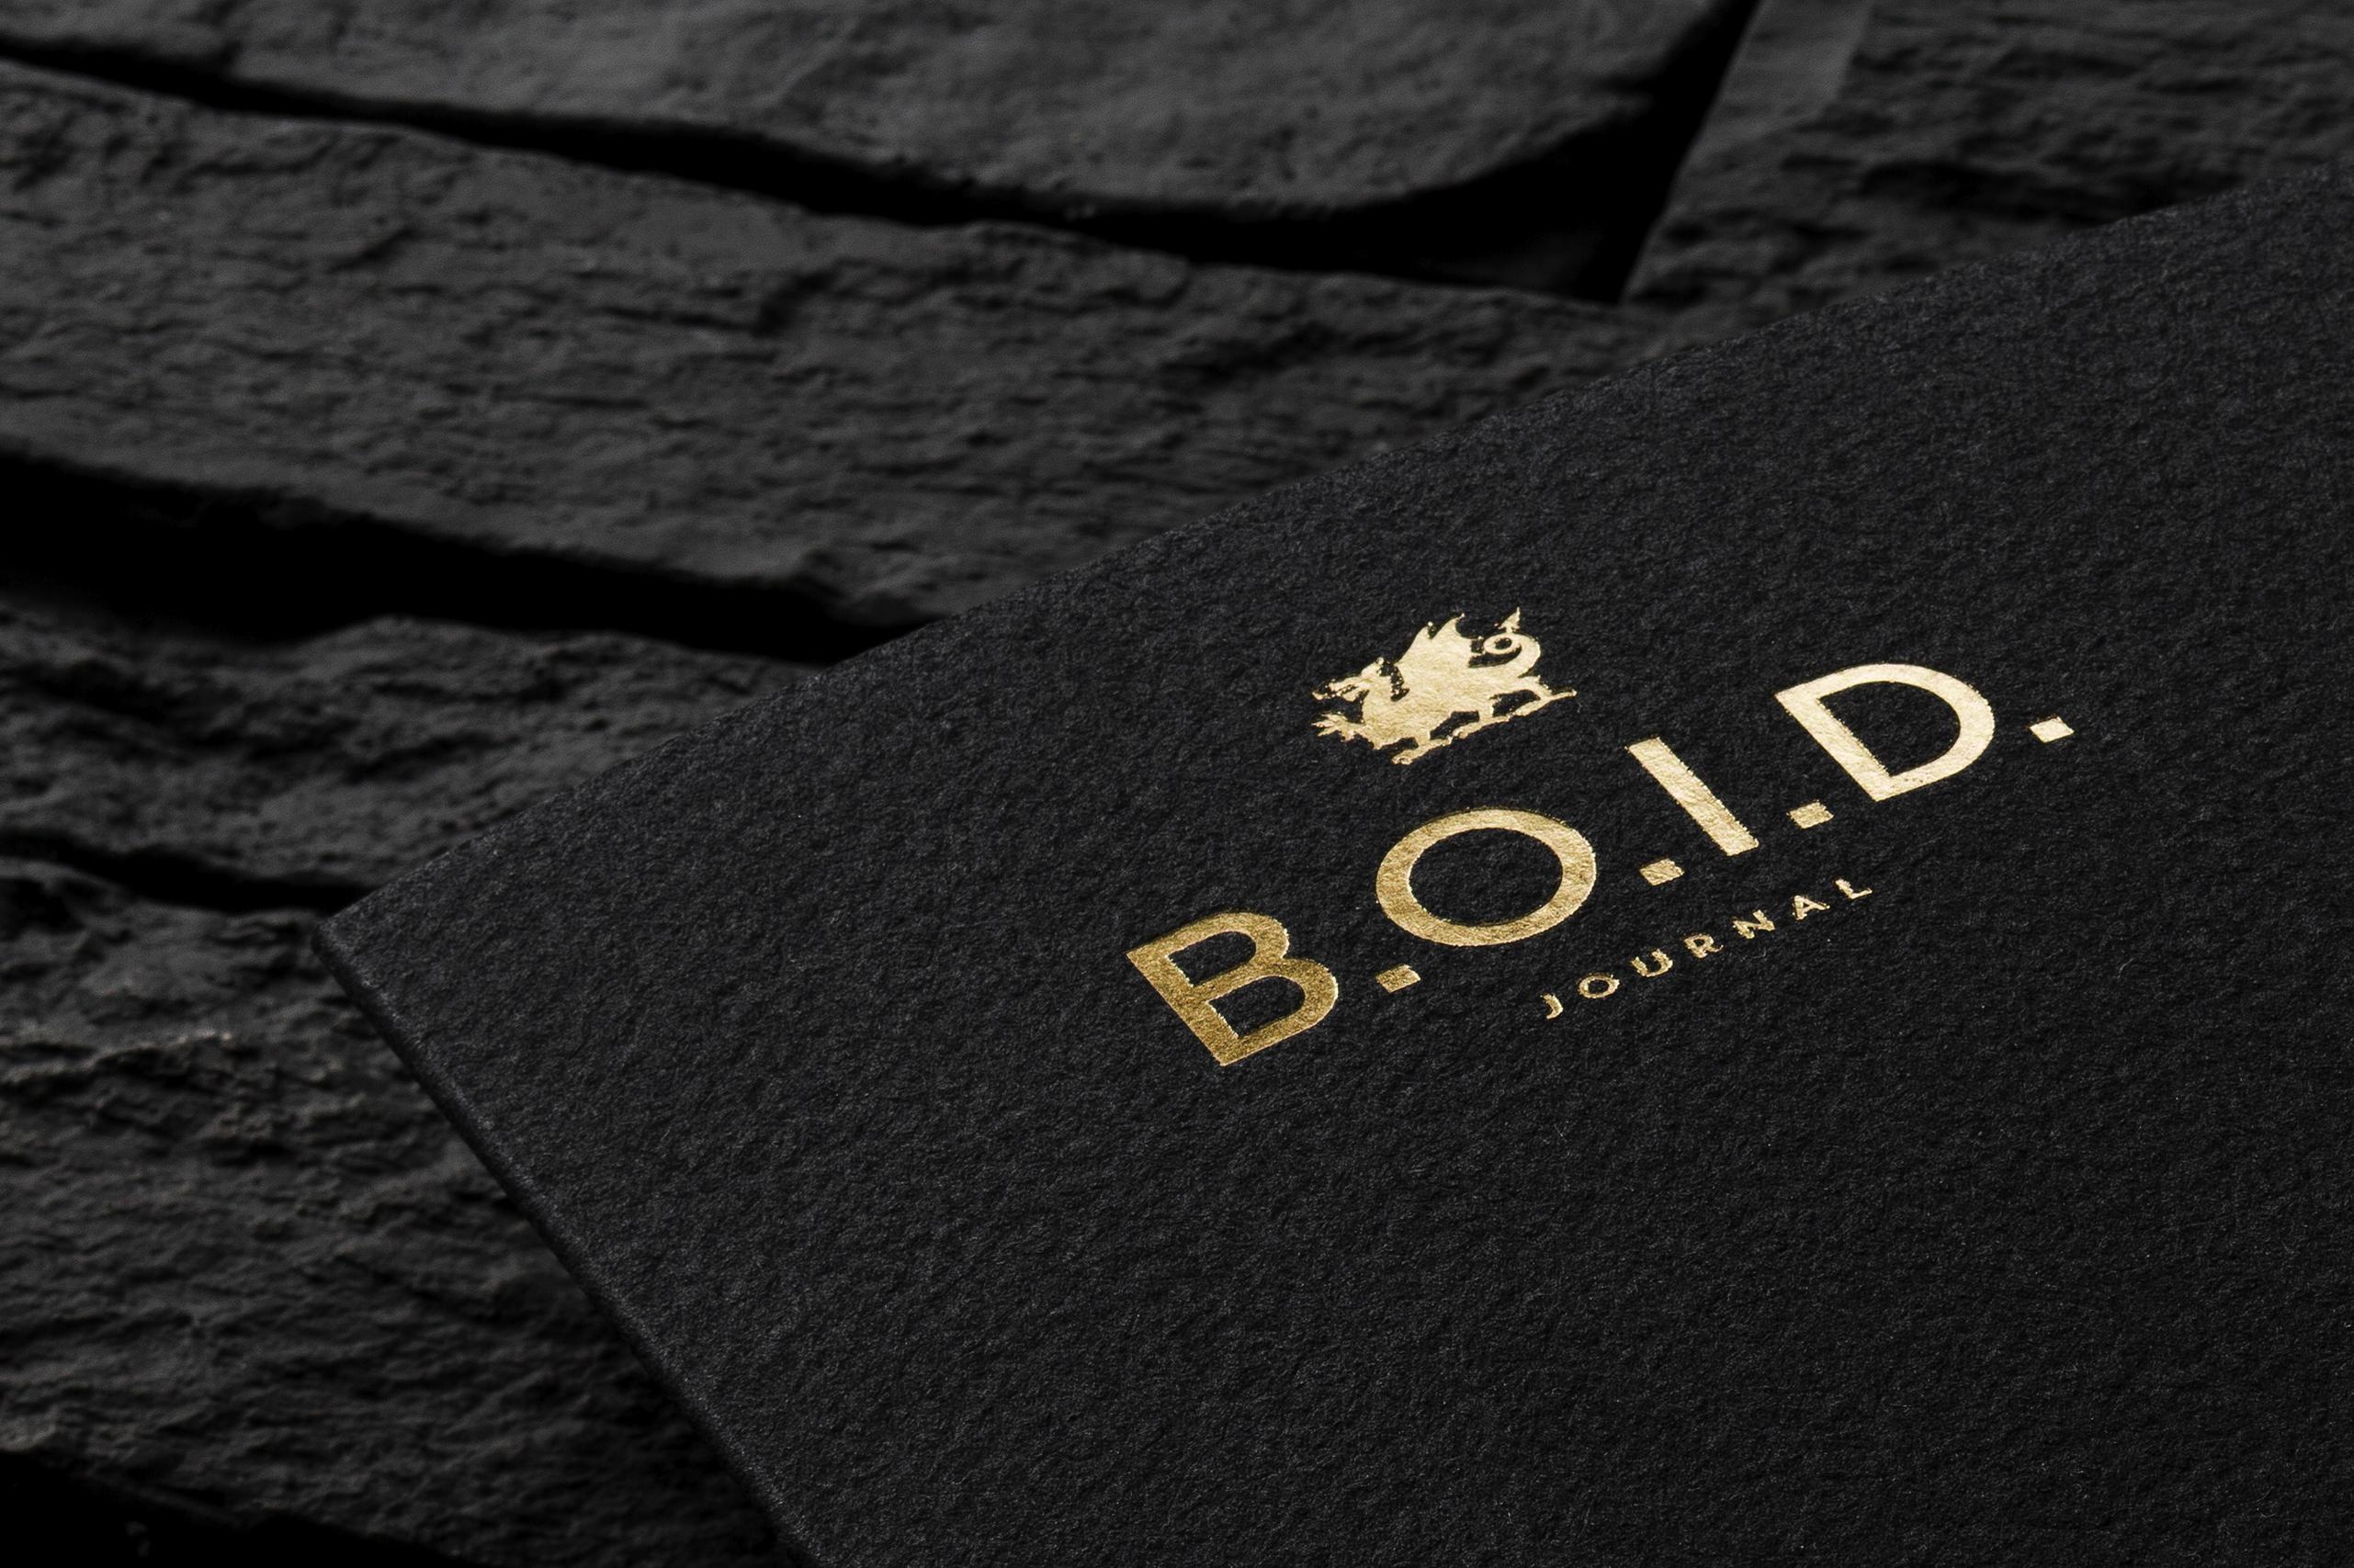 在线杂志品牌 B.O.I.D. 品牌视觉形象设计欣赏,所属类别:品牌设计、文化、艺术、出版、印刷